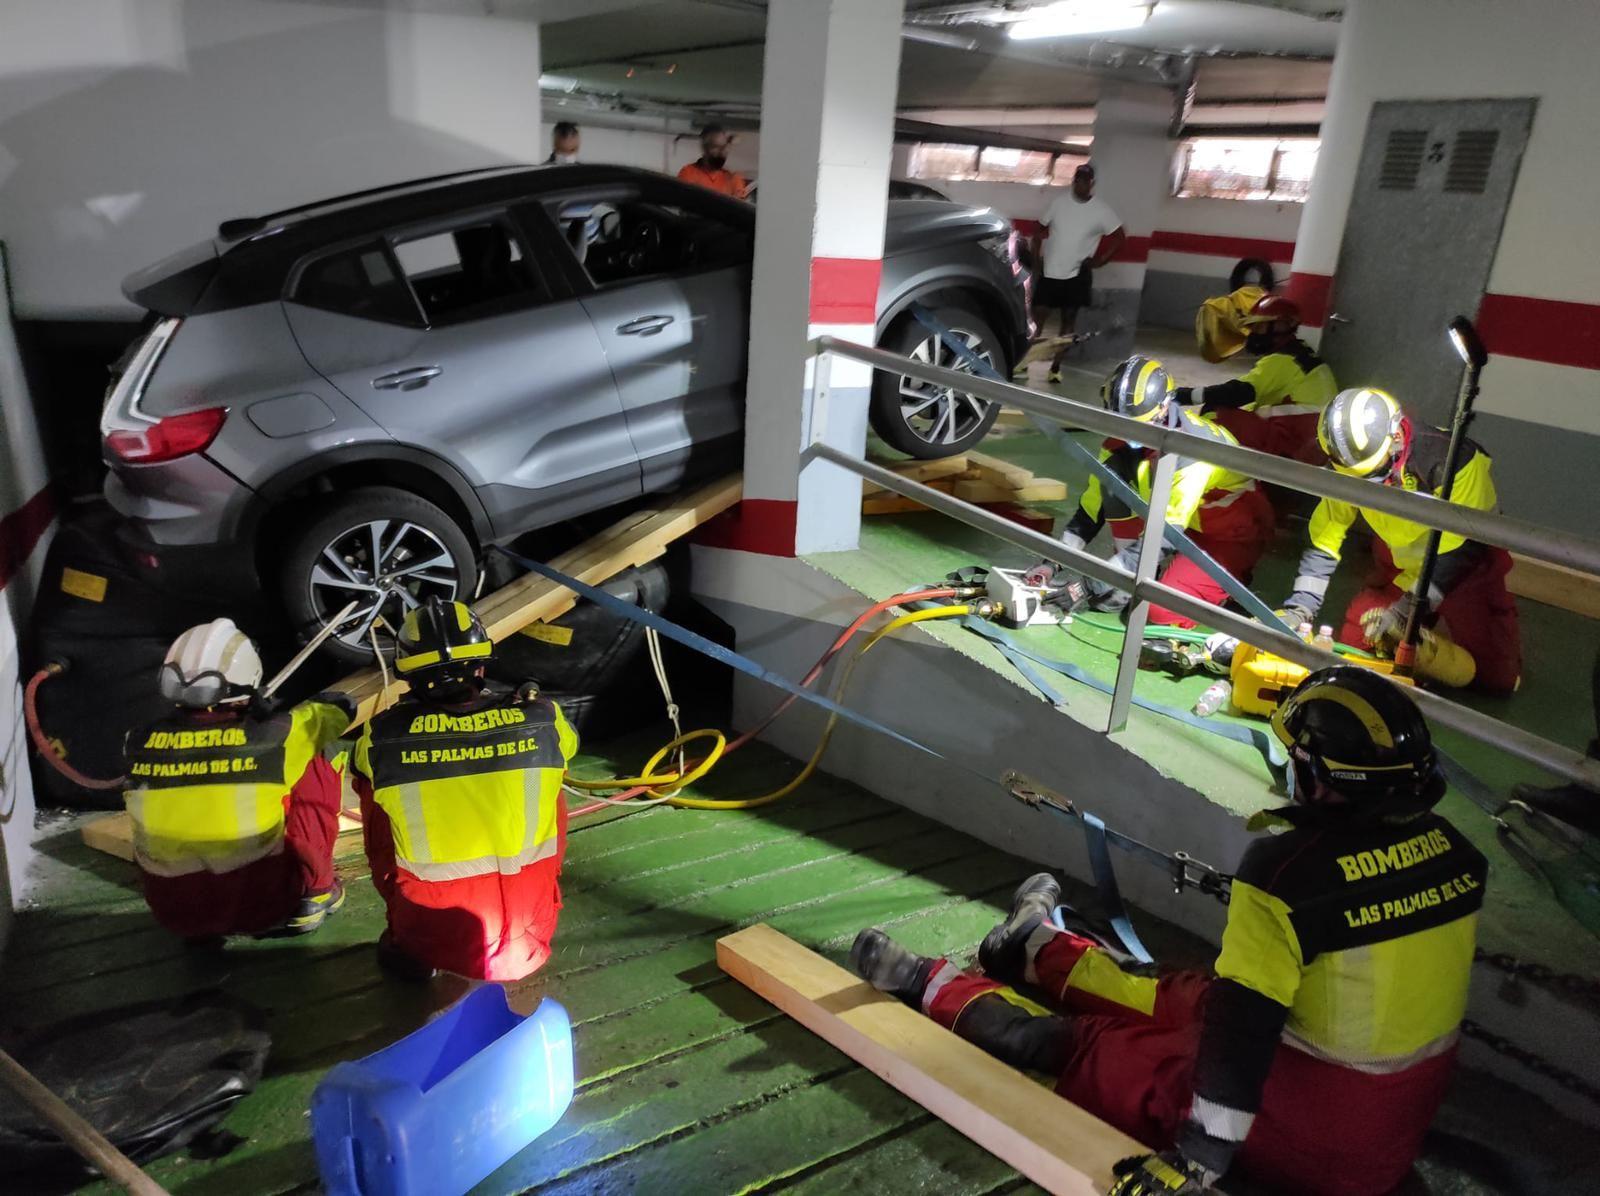 Un coche se precipita por la rampa de un garaje en Las Palmas de Gran Canaria